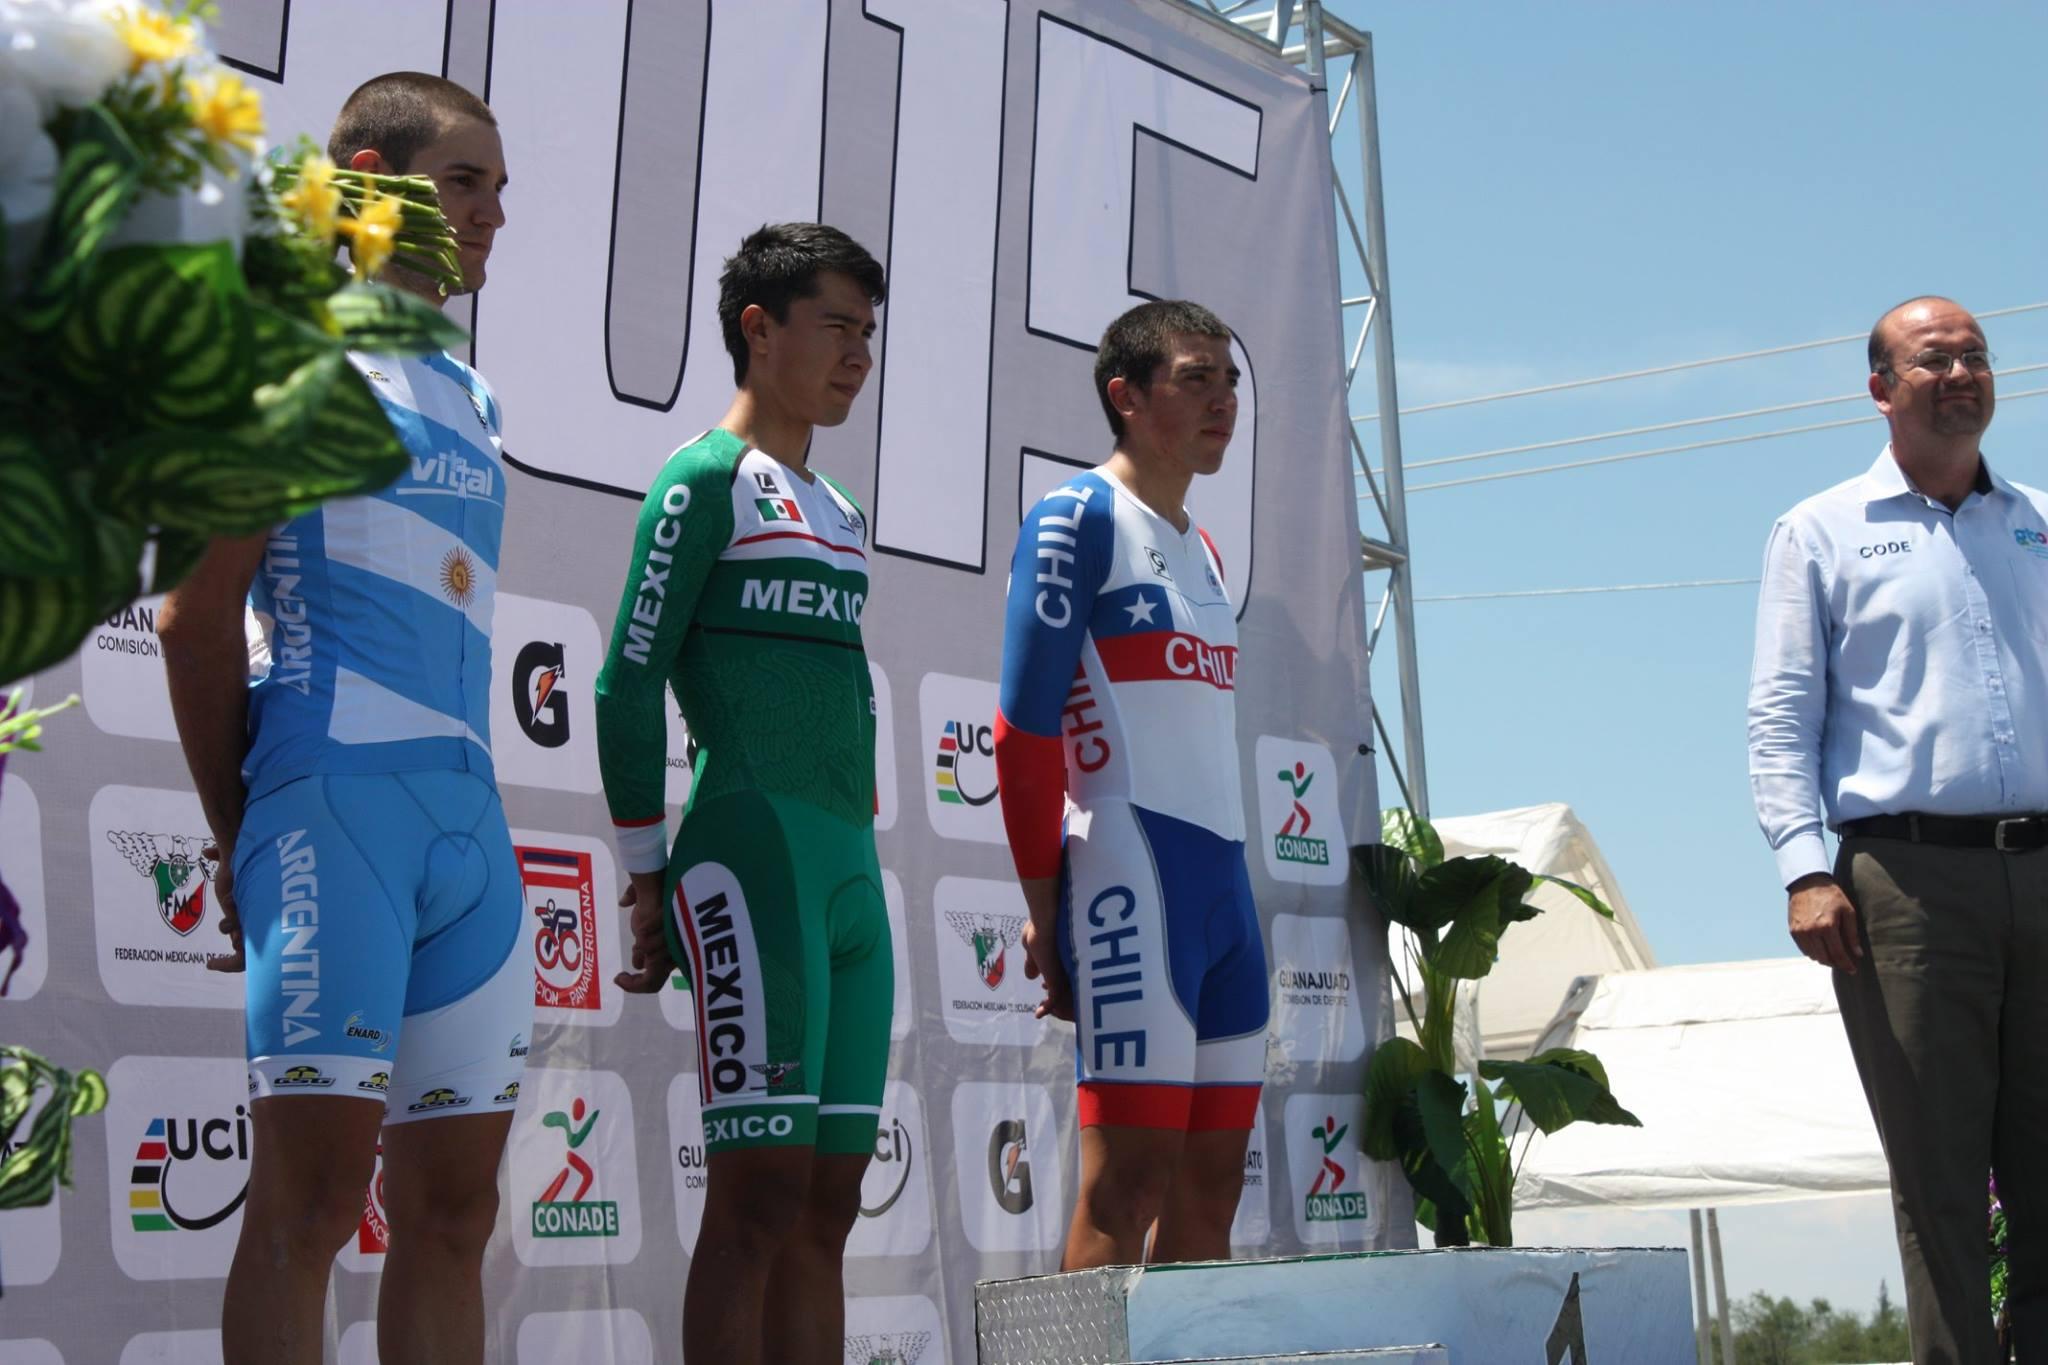 Jose_Luis_Rodriguez1